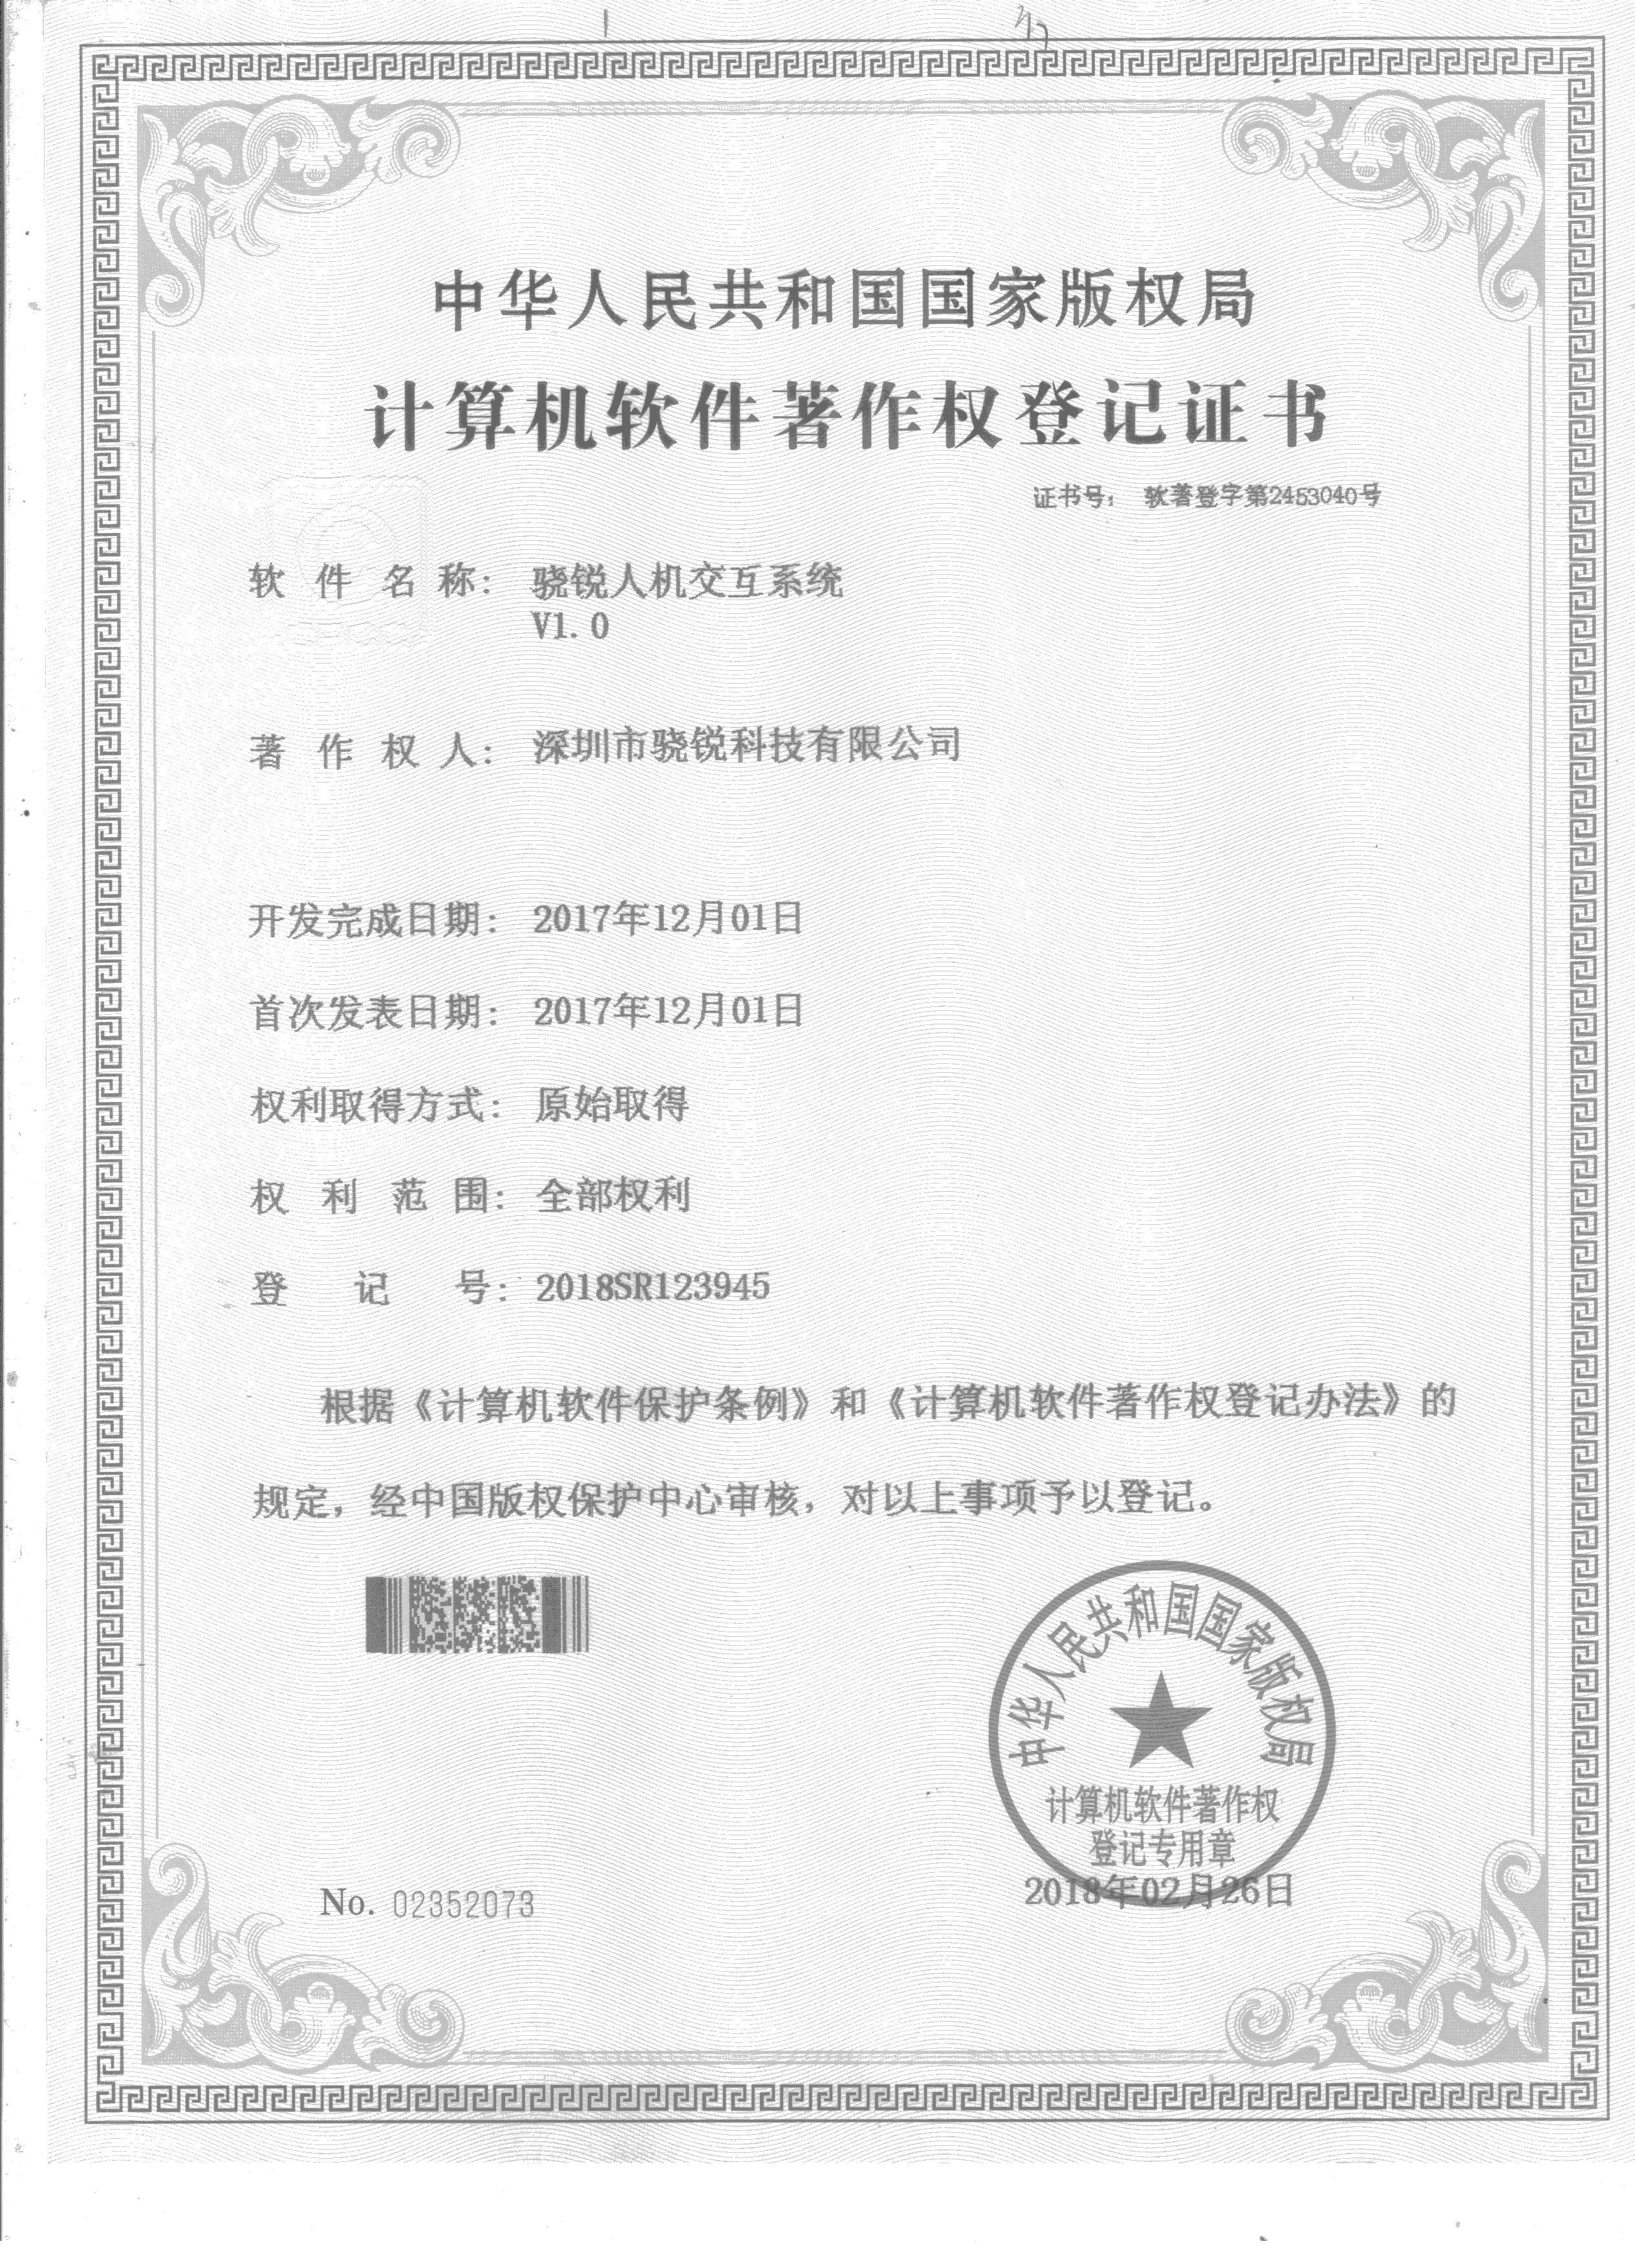 骁锐人机交互系统著作权证书